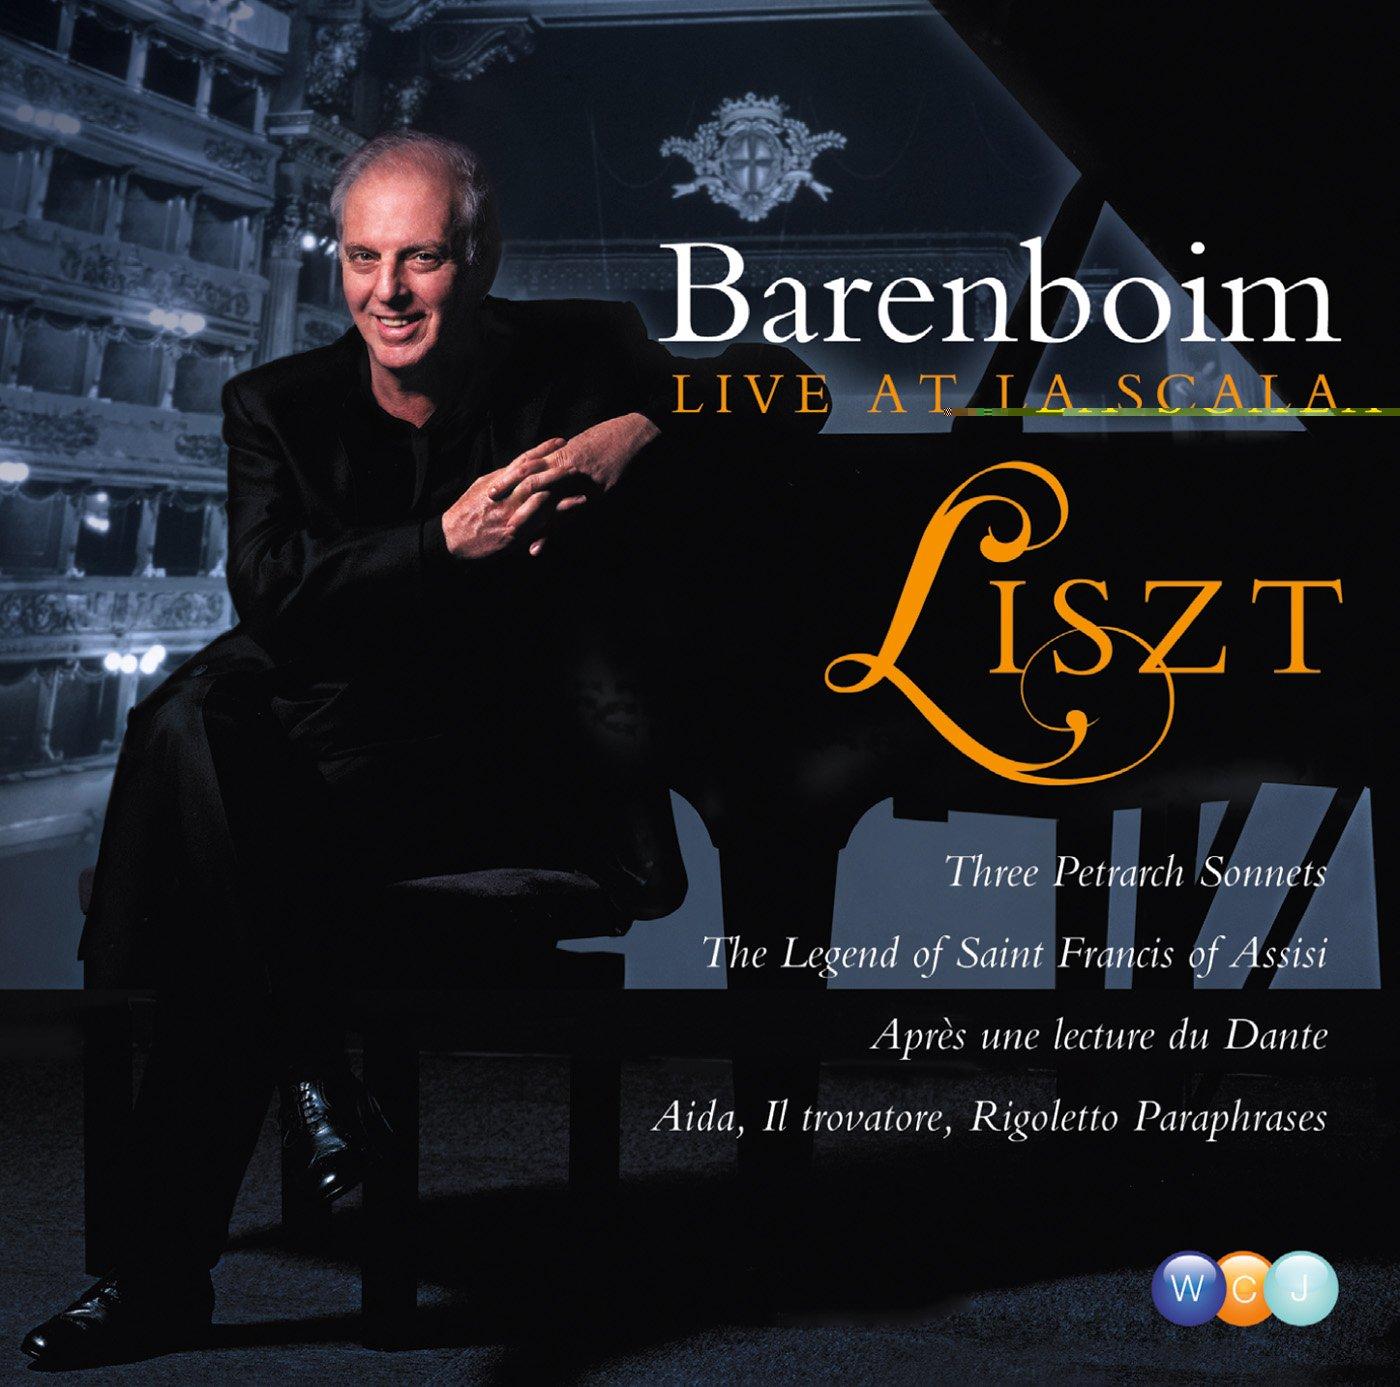 Barenboim plays Liszt - Live at La Scala